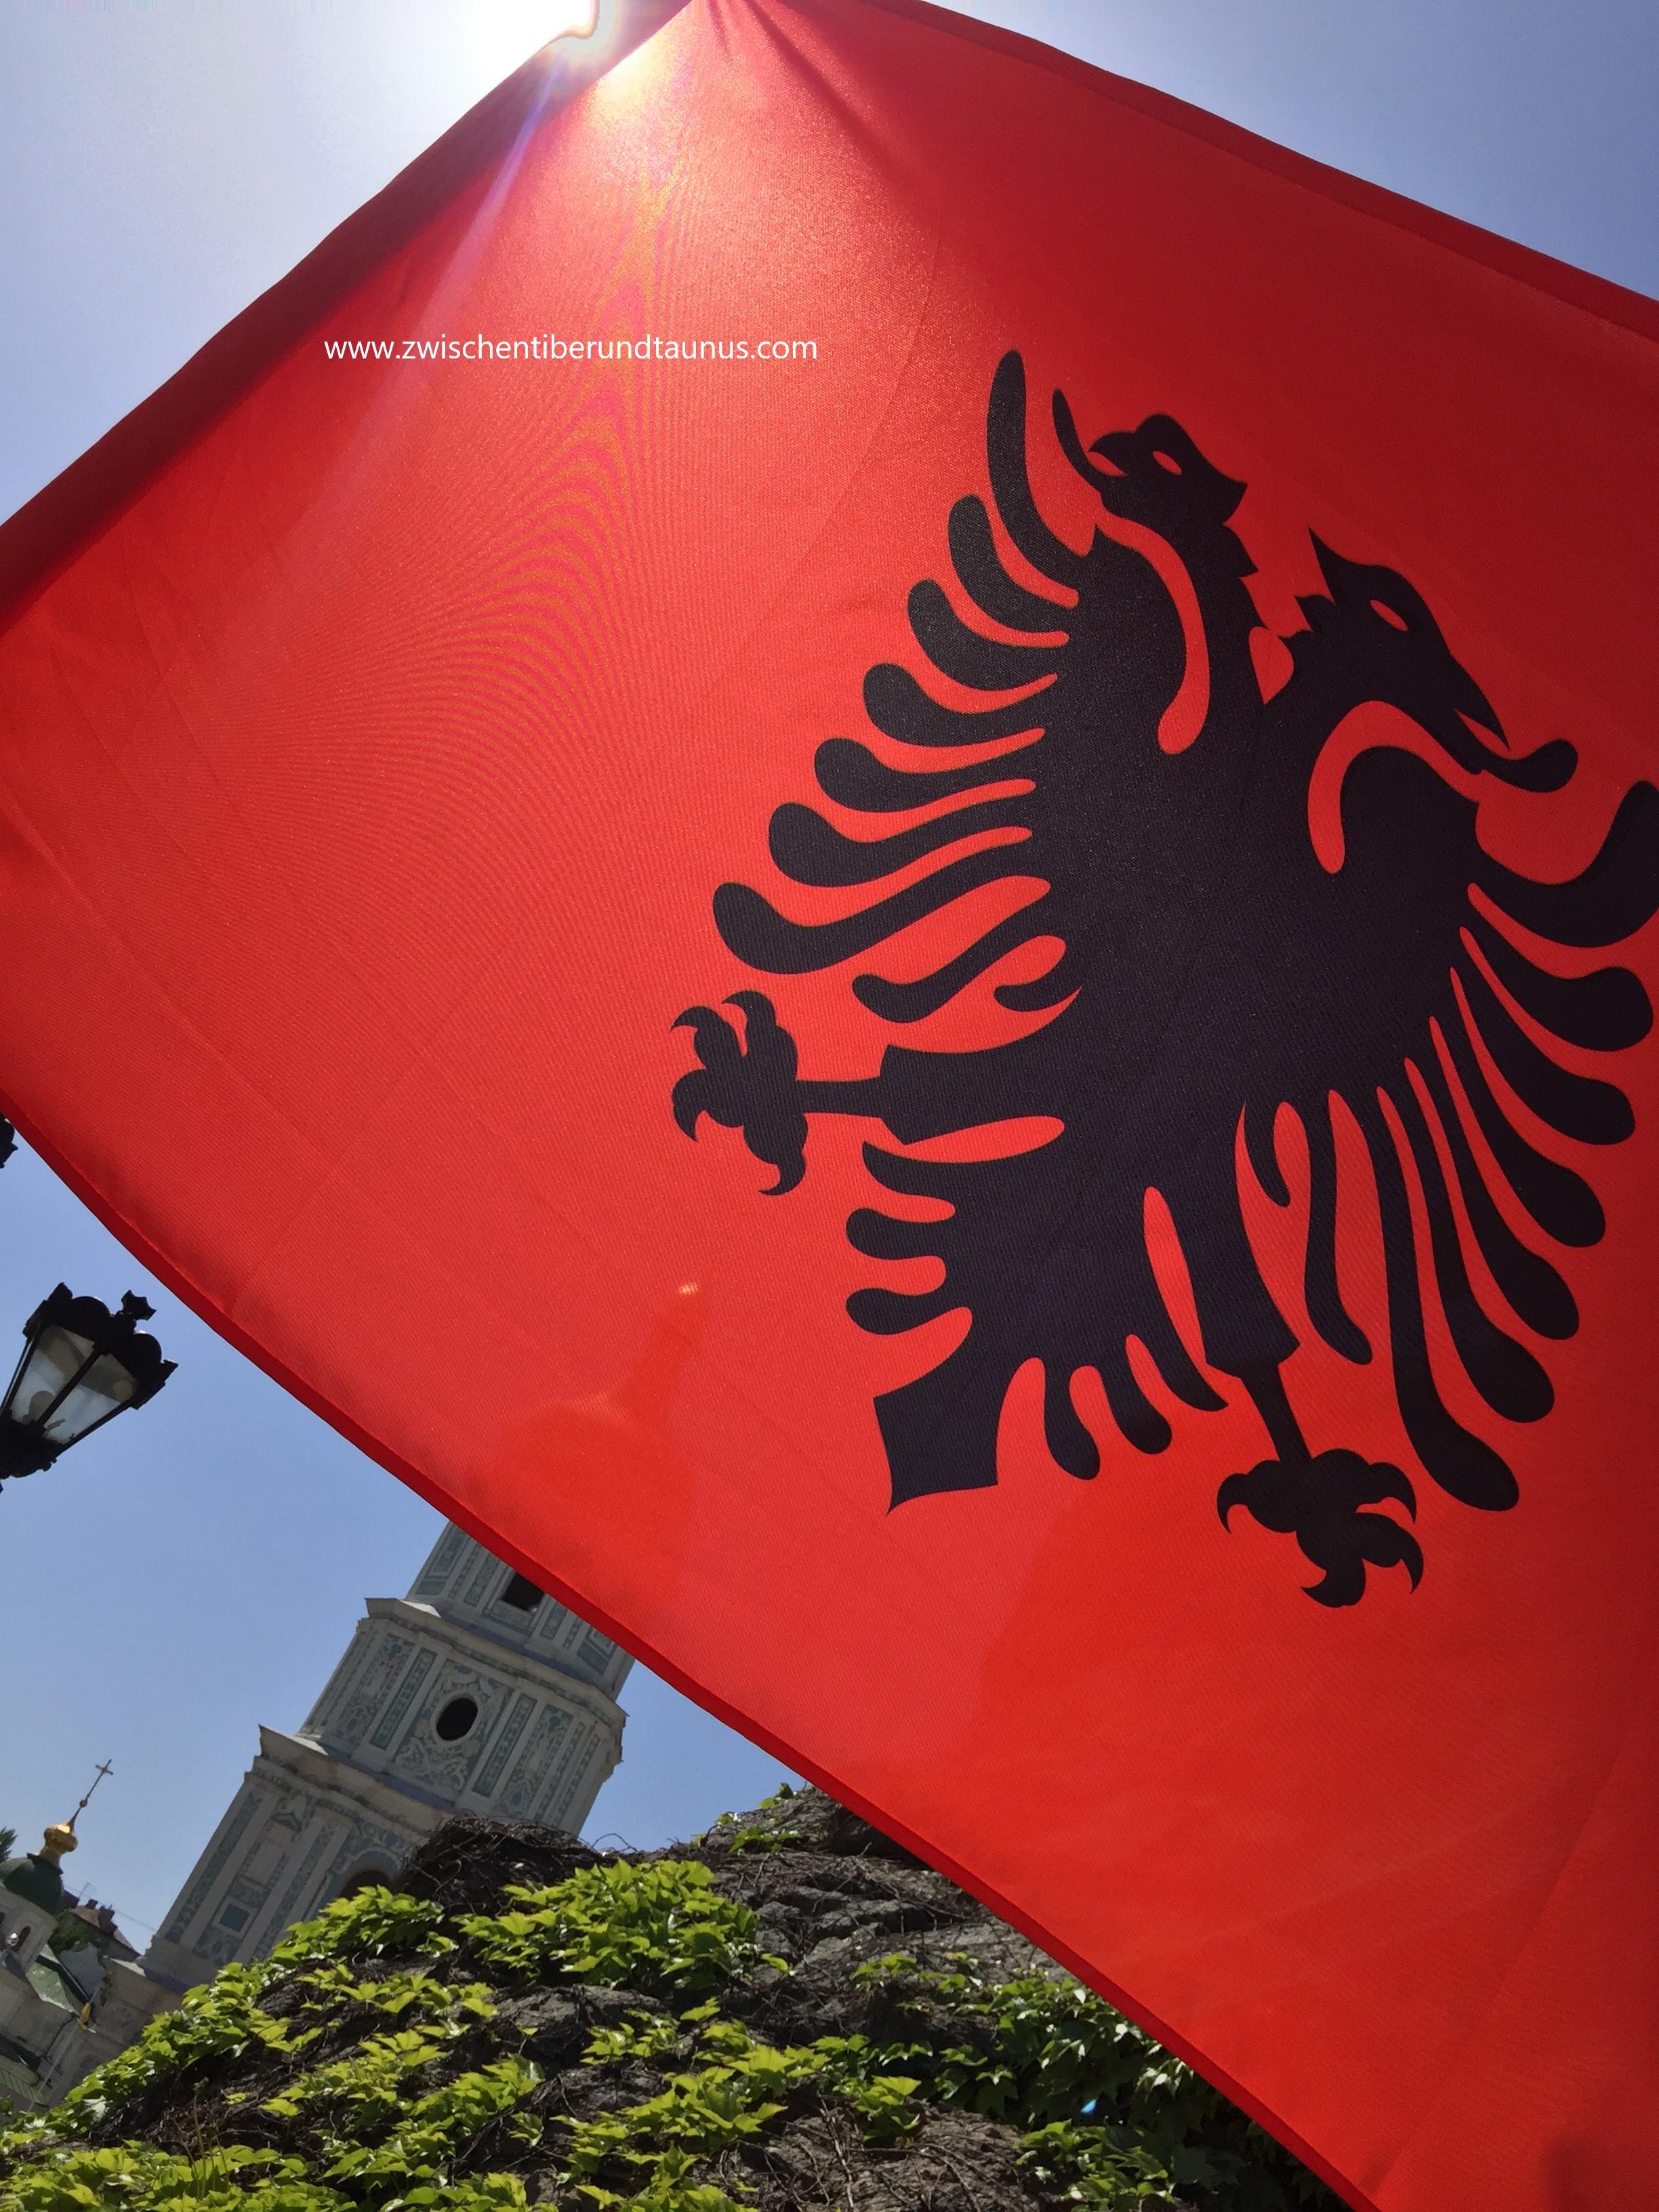 Kennenlernen albanien frauen Albanien Frauen